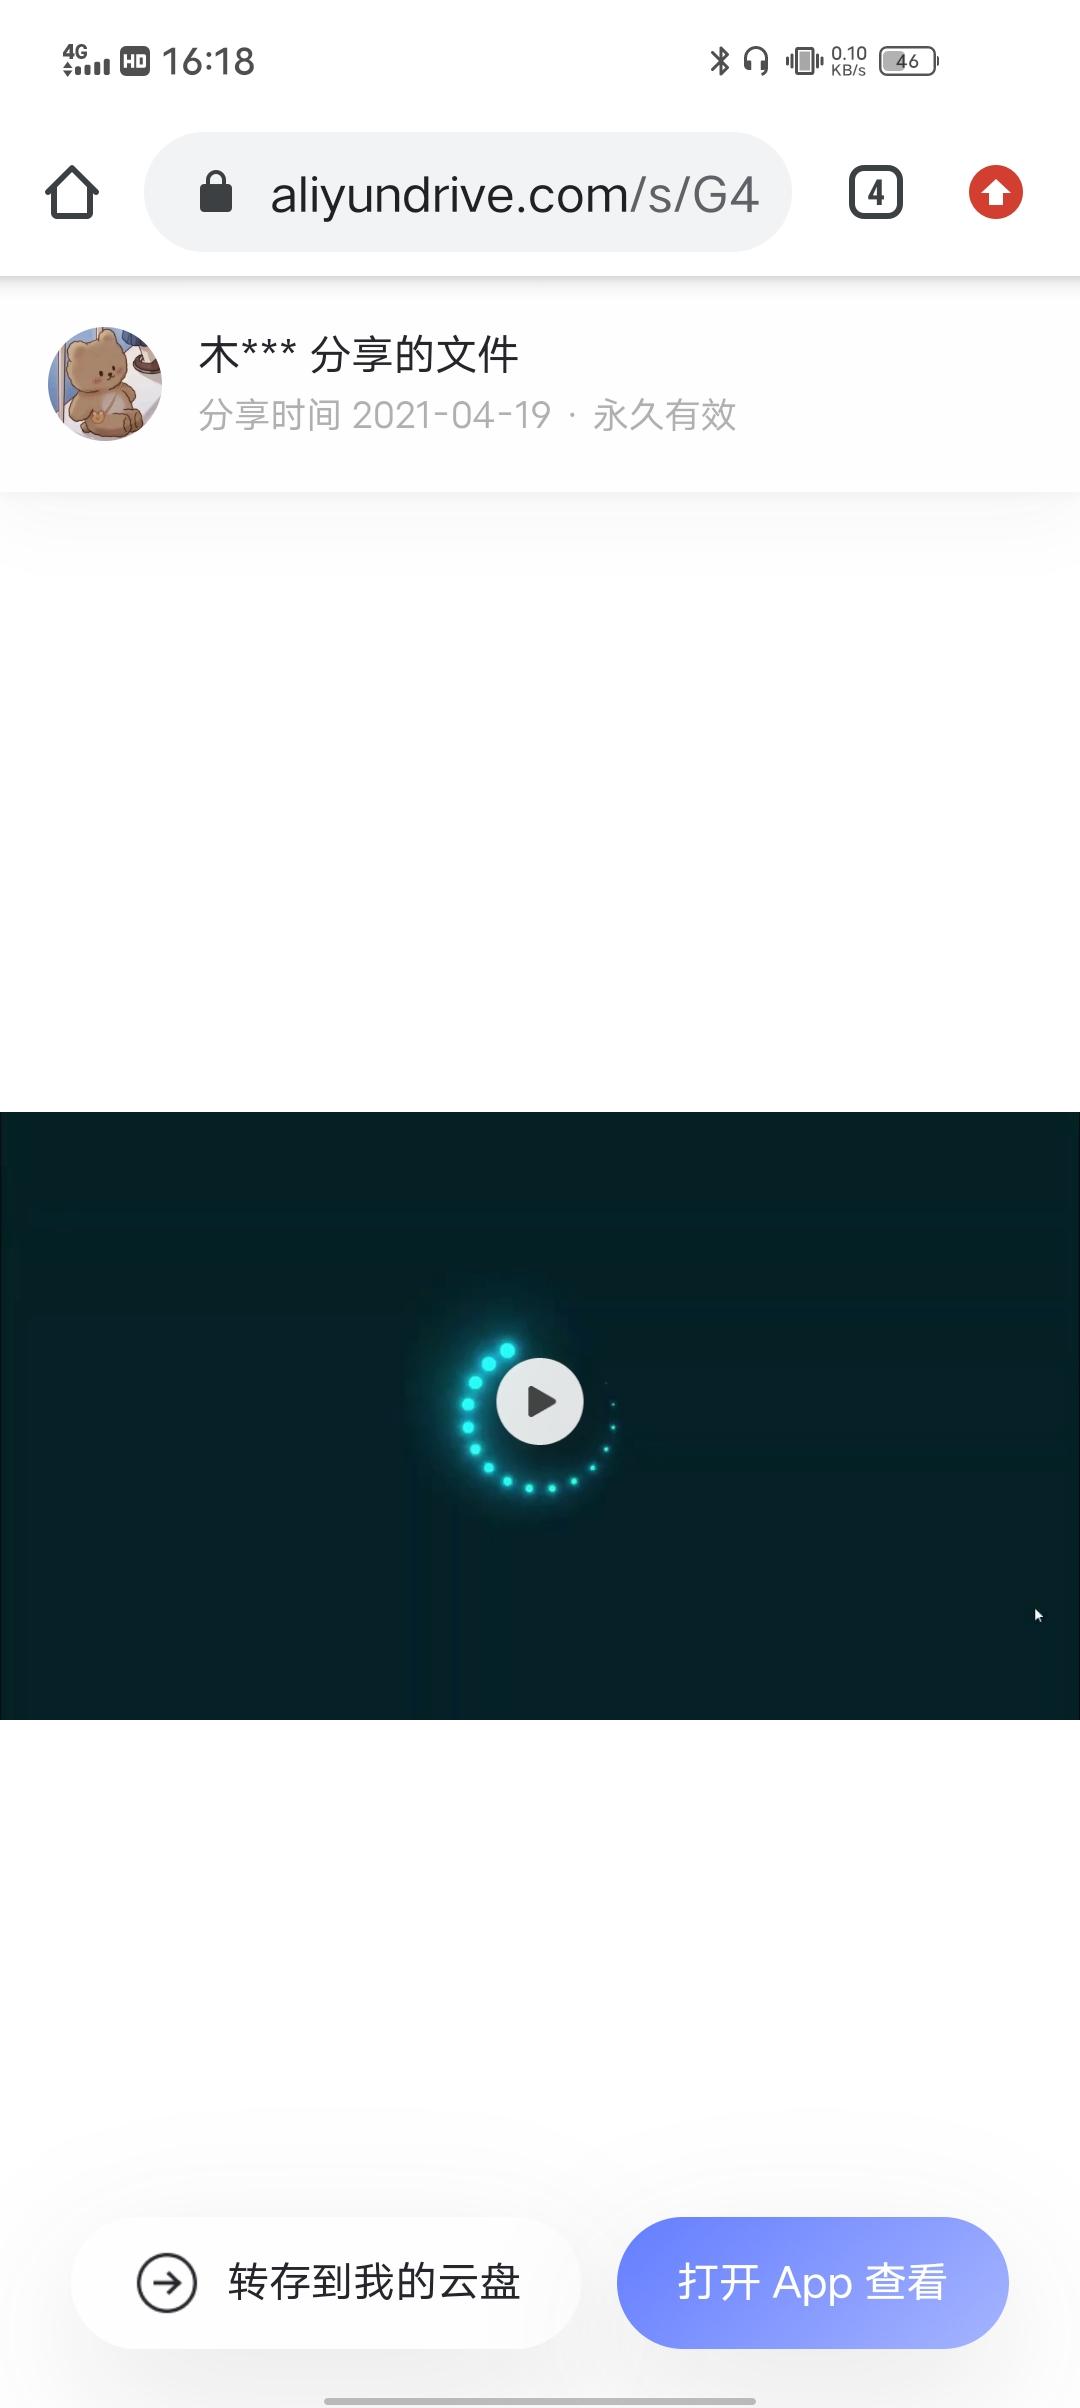 Screenshot_20210419_161845.jpg